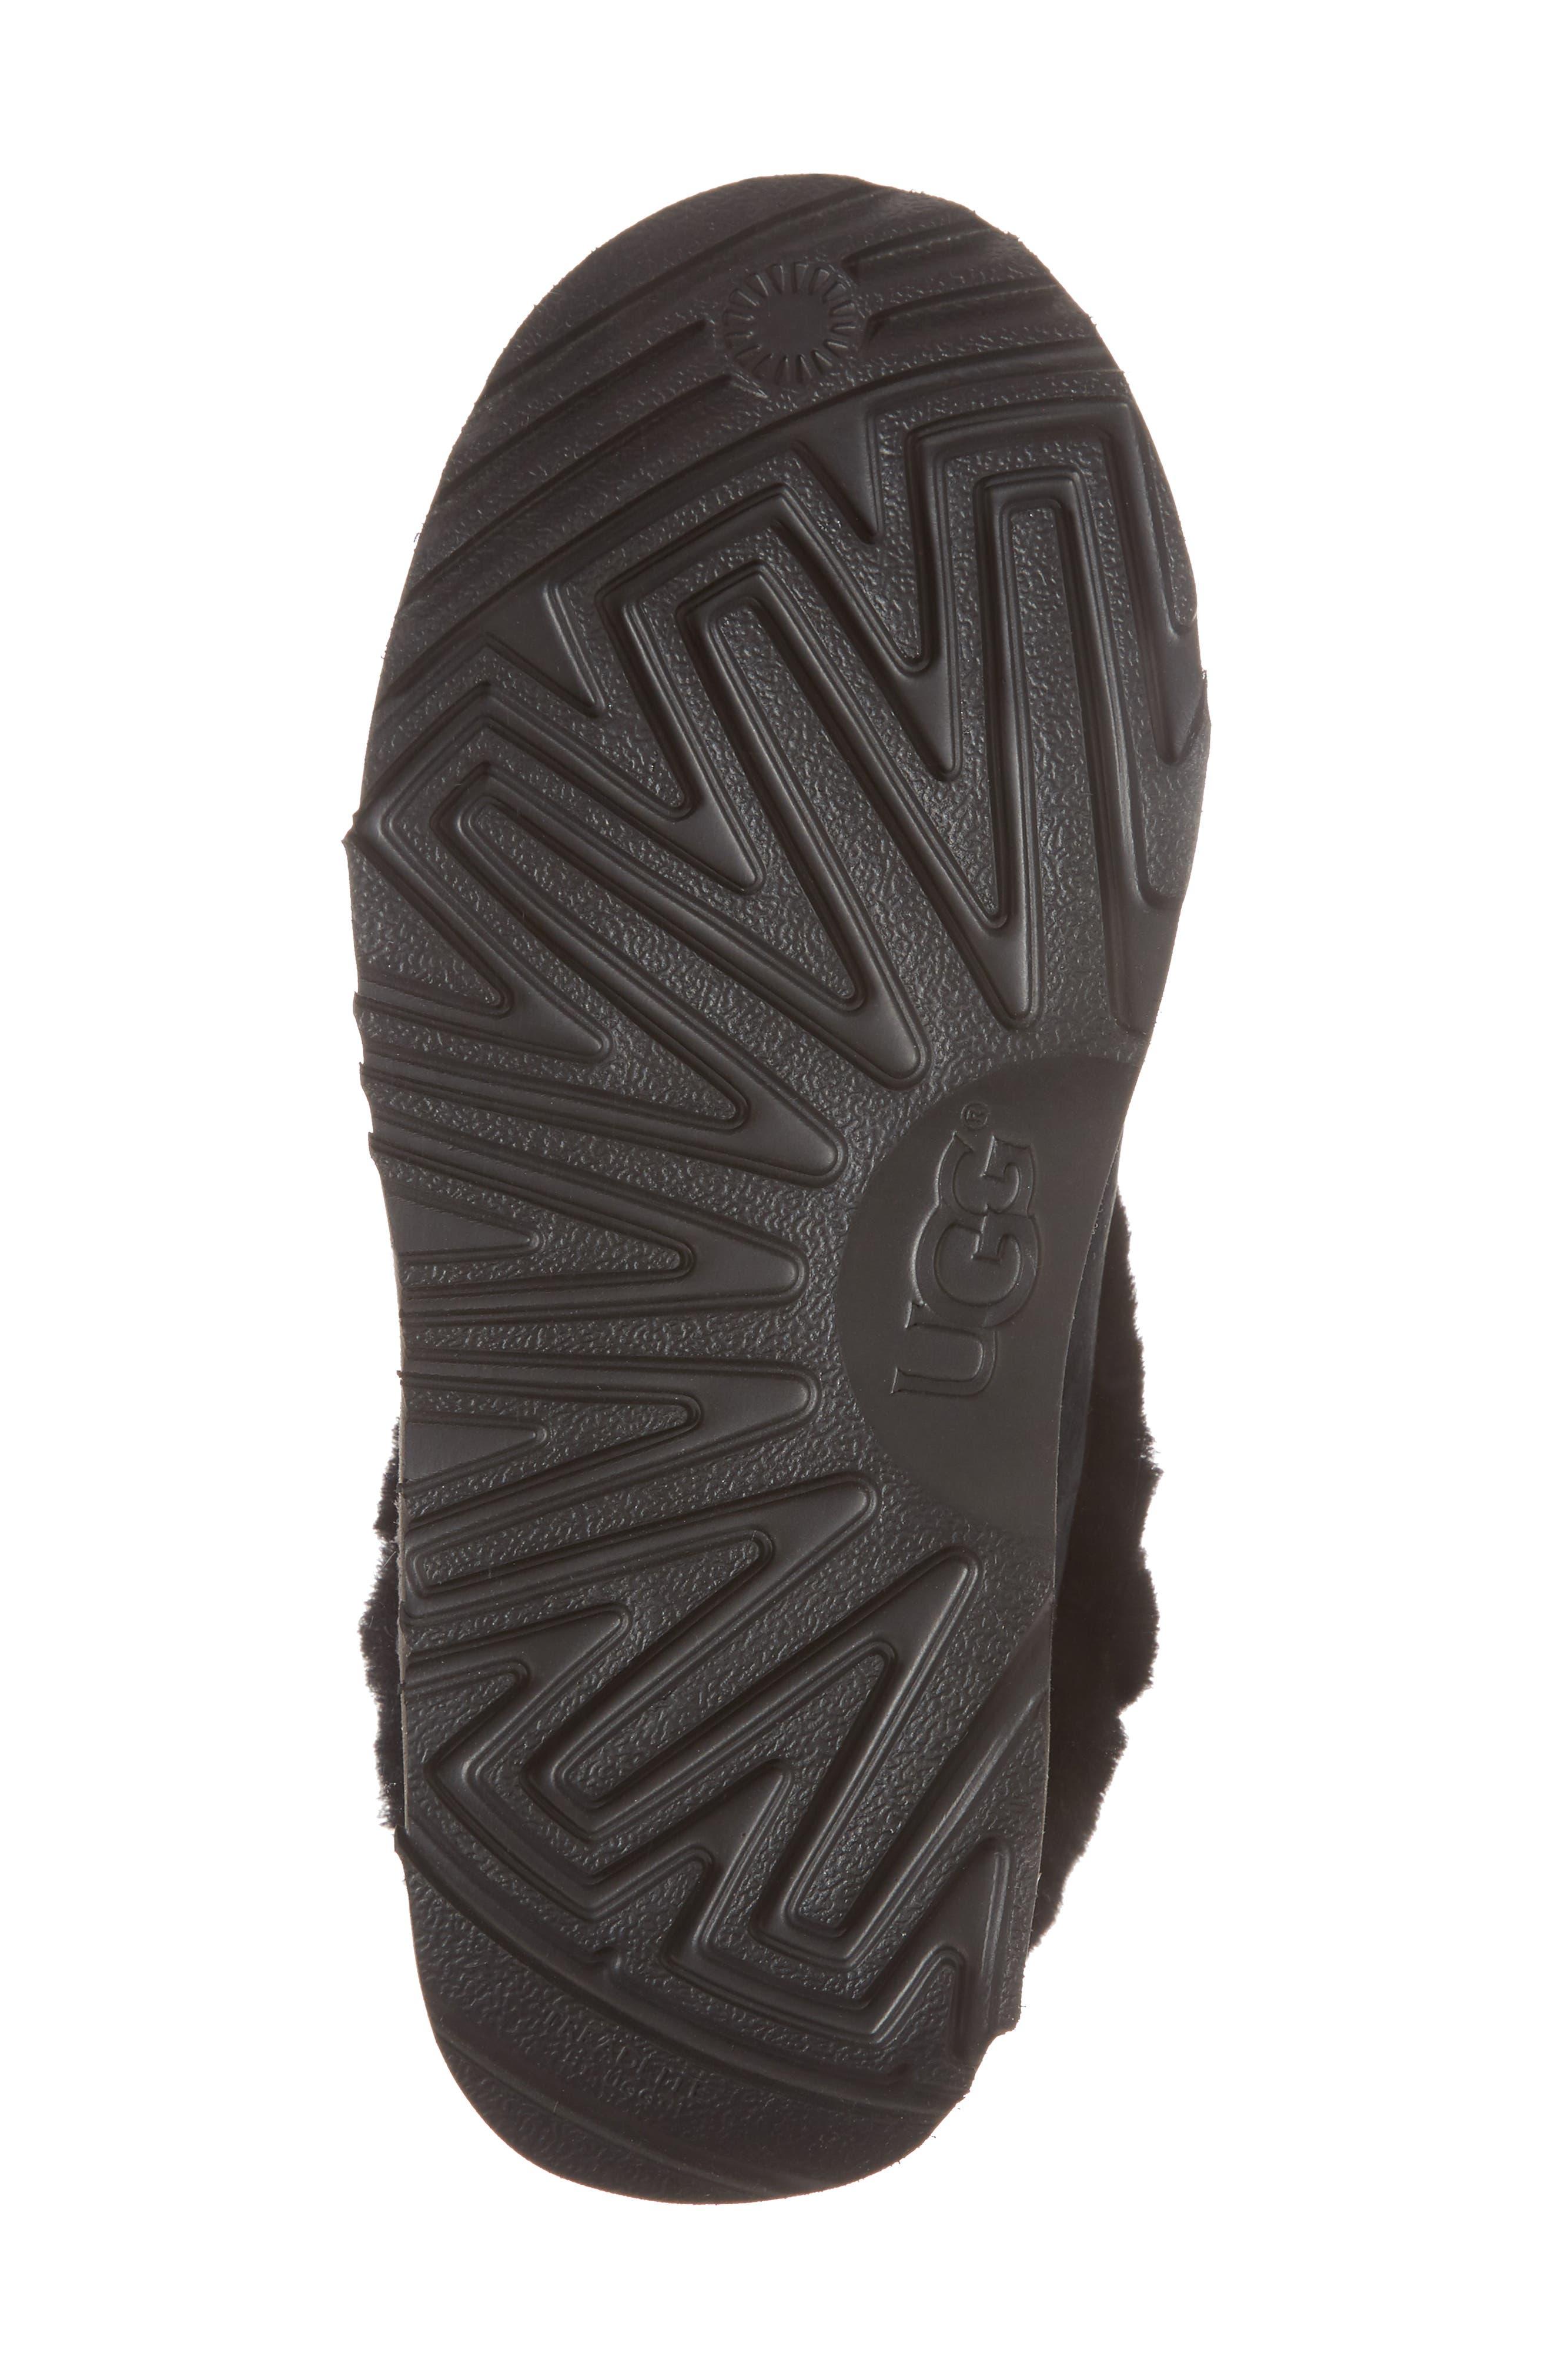 Hadley II Waterproof Boot,                             Alternate thumbnail 6, color,                             Black